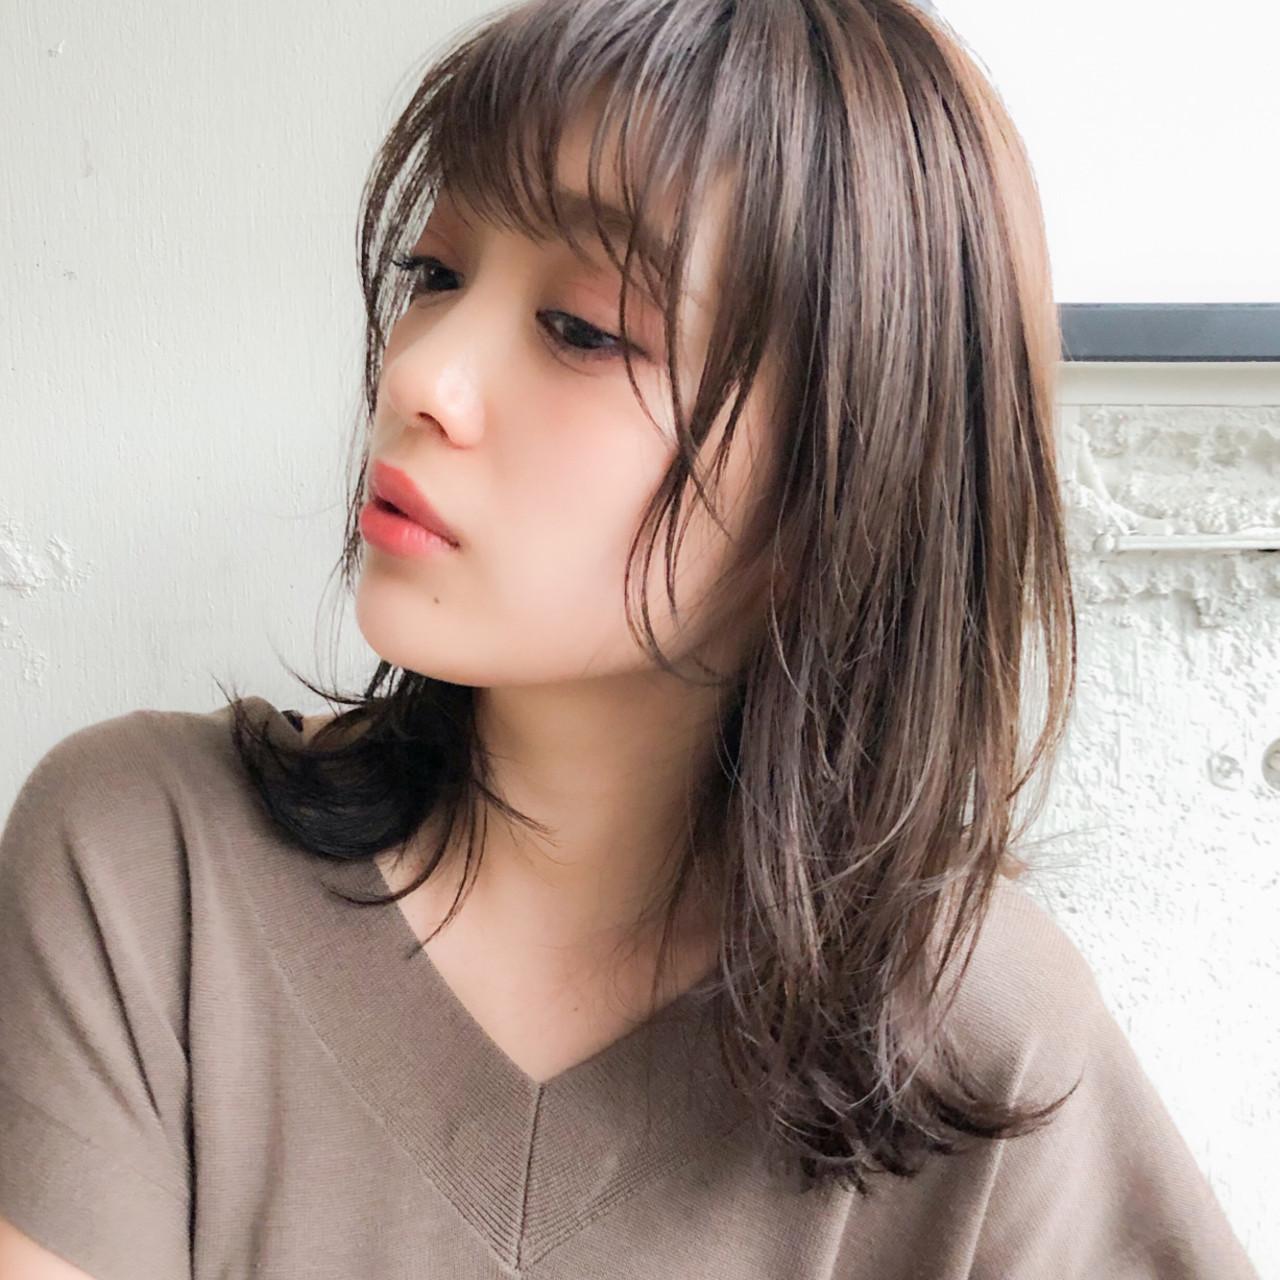 鎖骨ミディアム ミルクティーベージュ フェミニン ミディアム ヘアスタイルや髪型の写真・画像